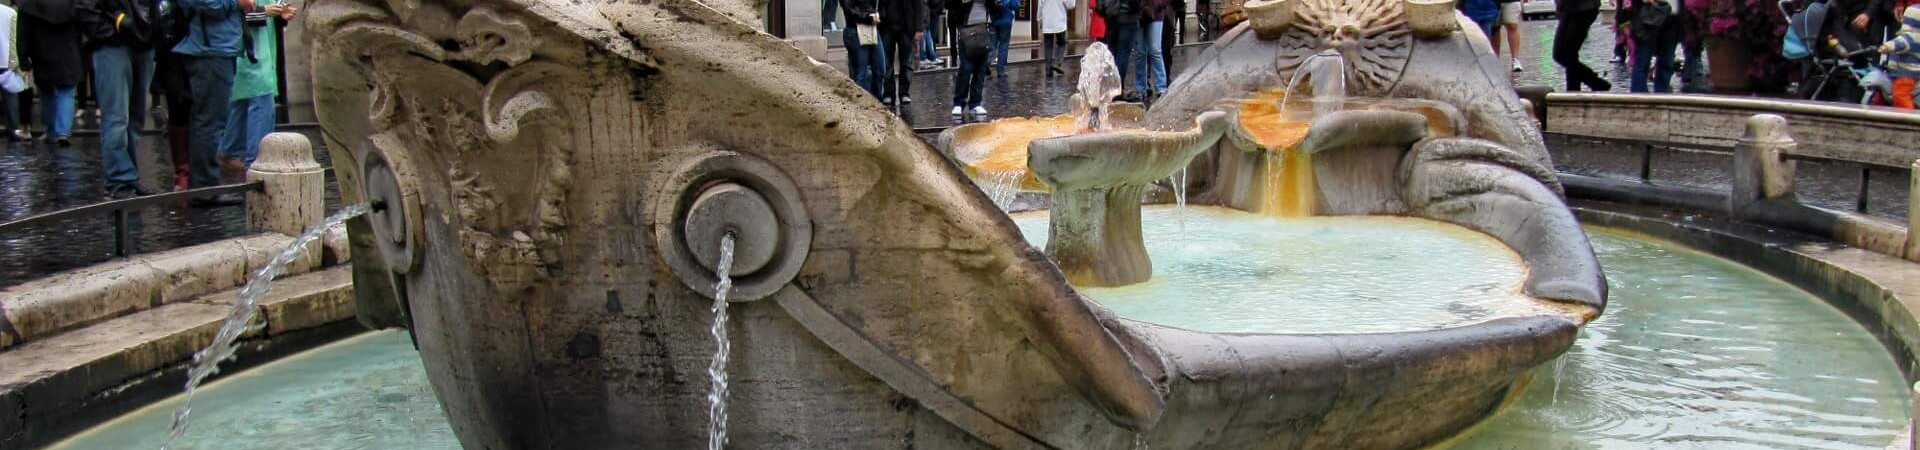 Fontana della Borcaccia